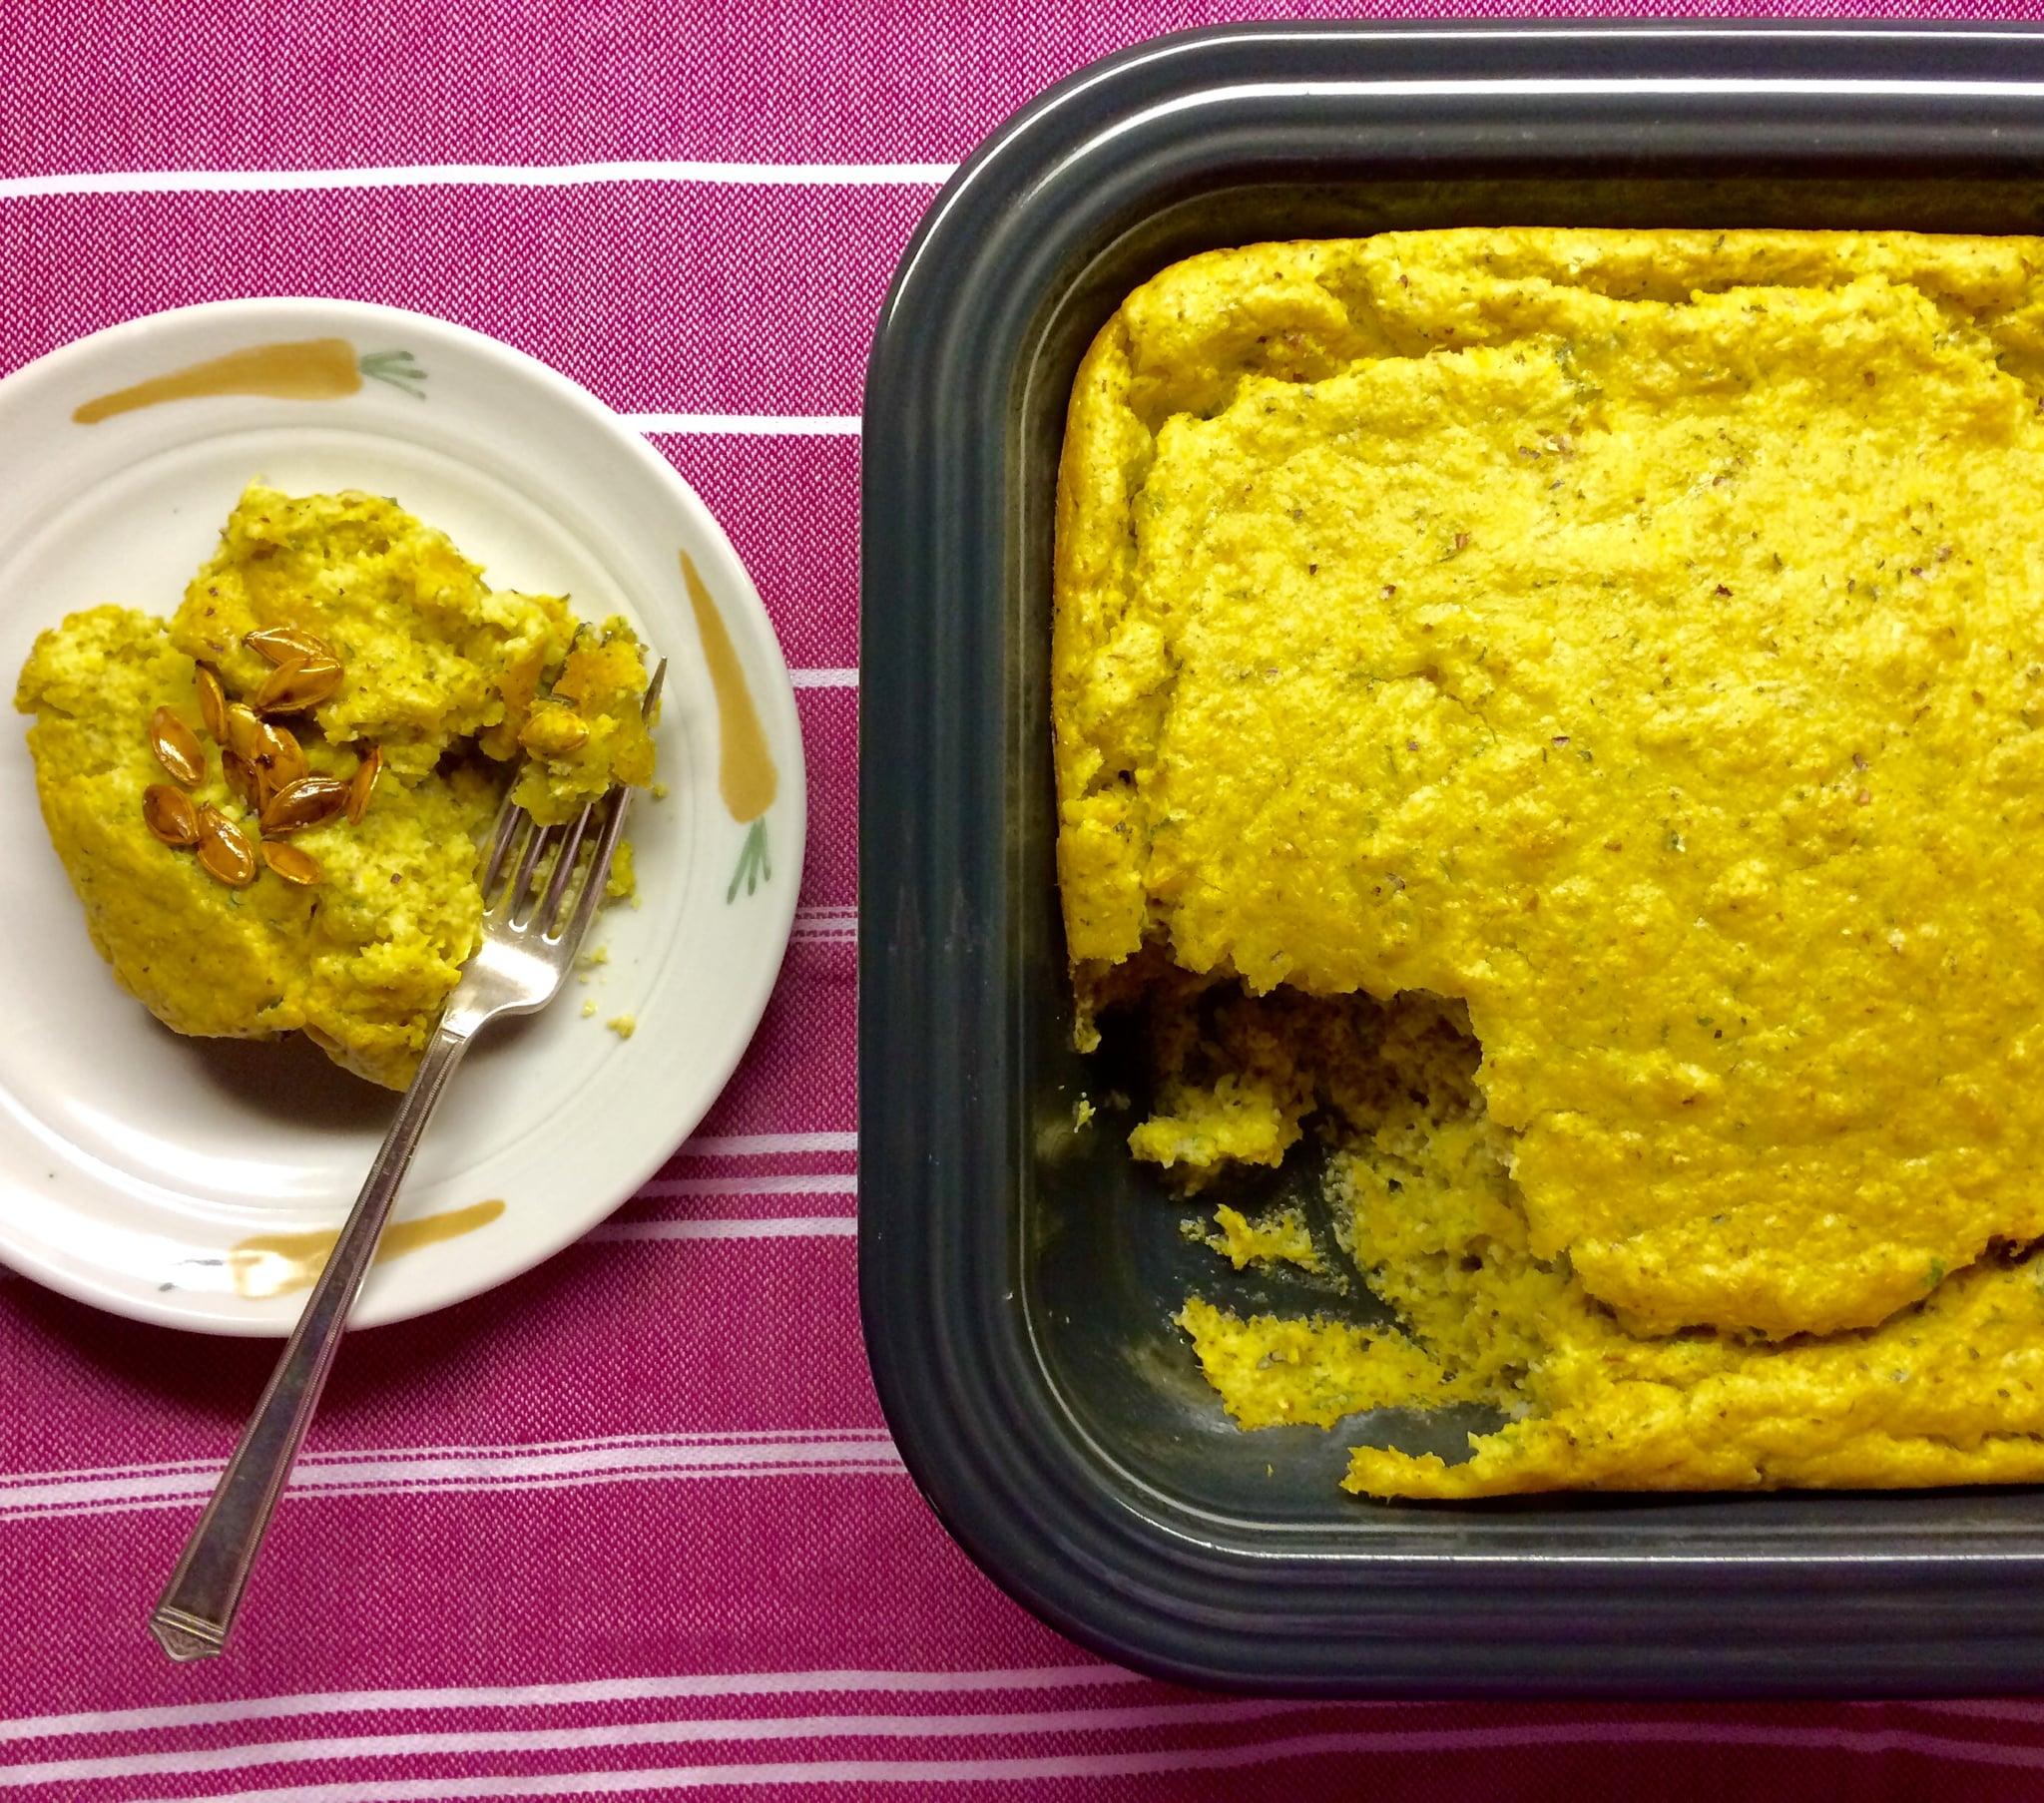 Carla halls pumpkin spoon bread recipe popsugar food share this link forumfinder Image collections